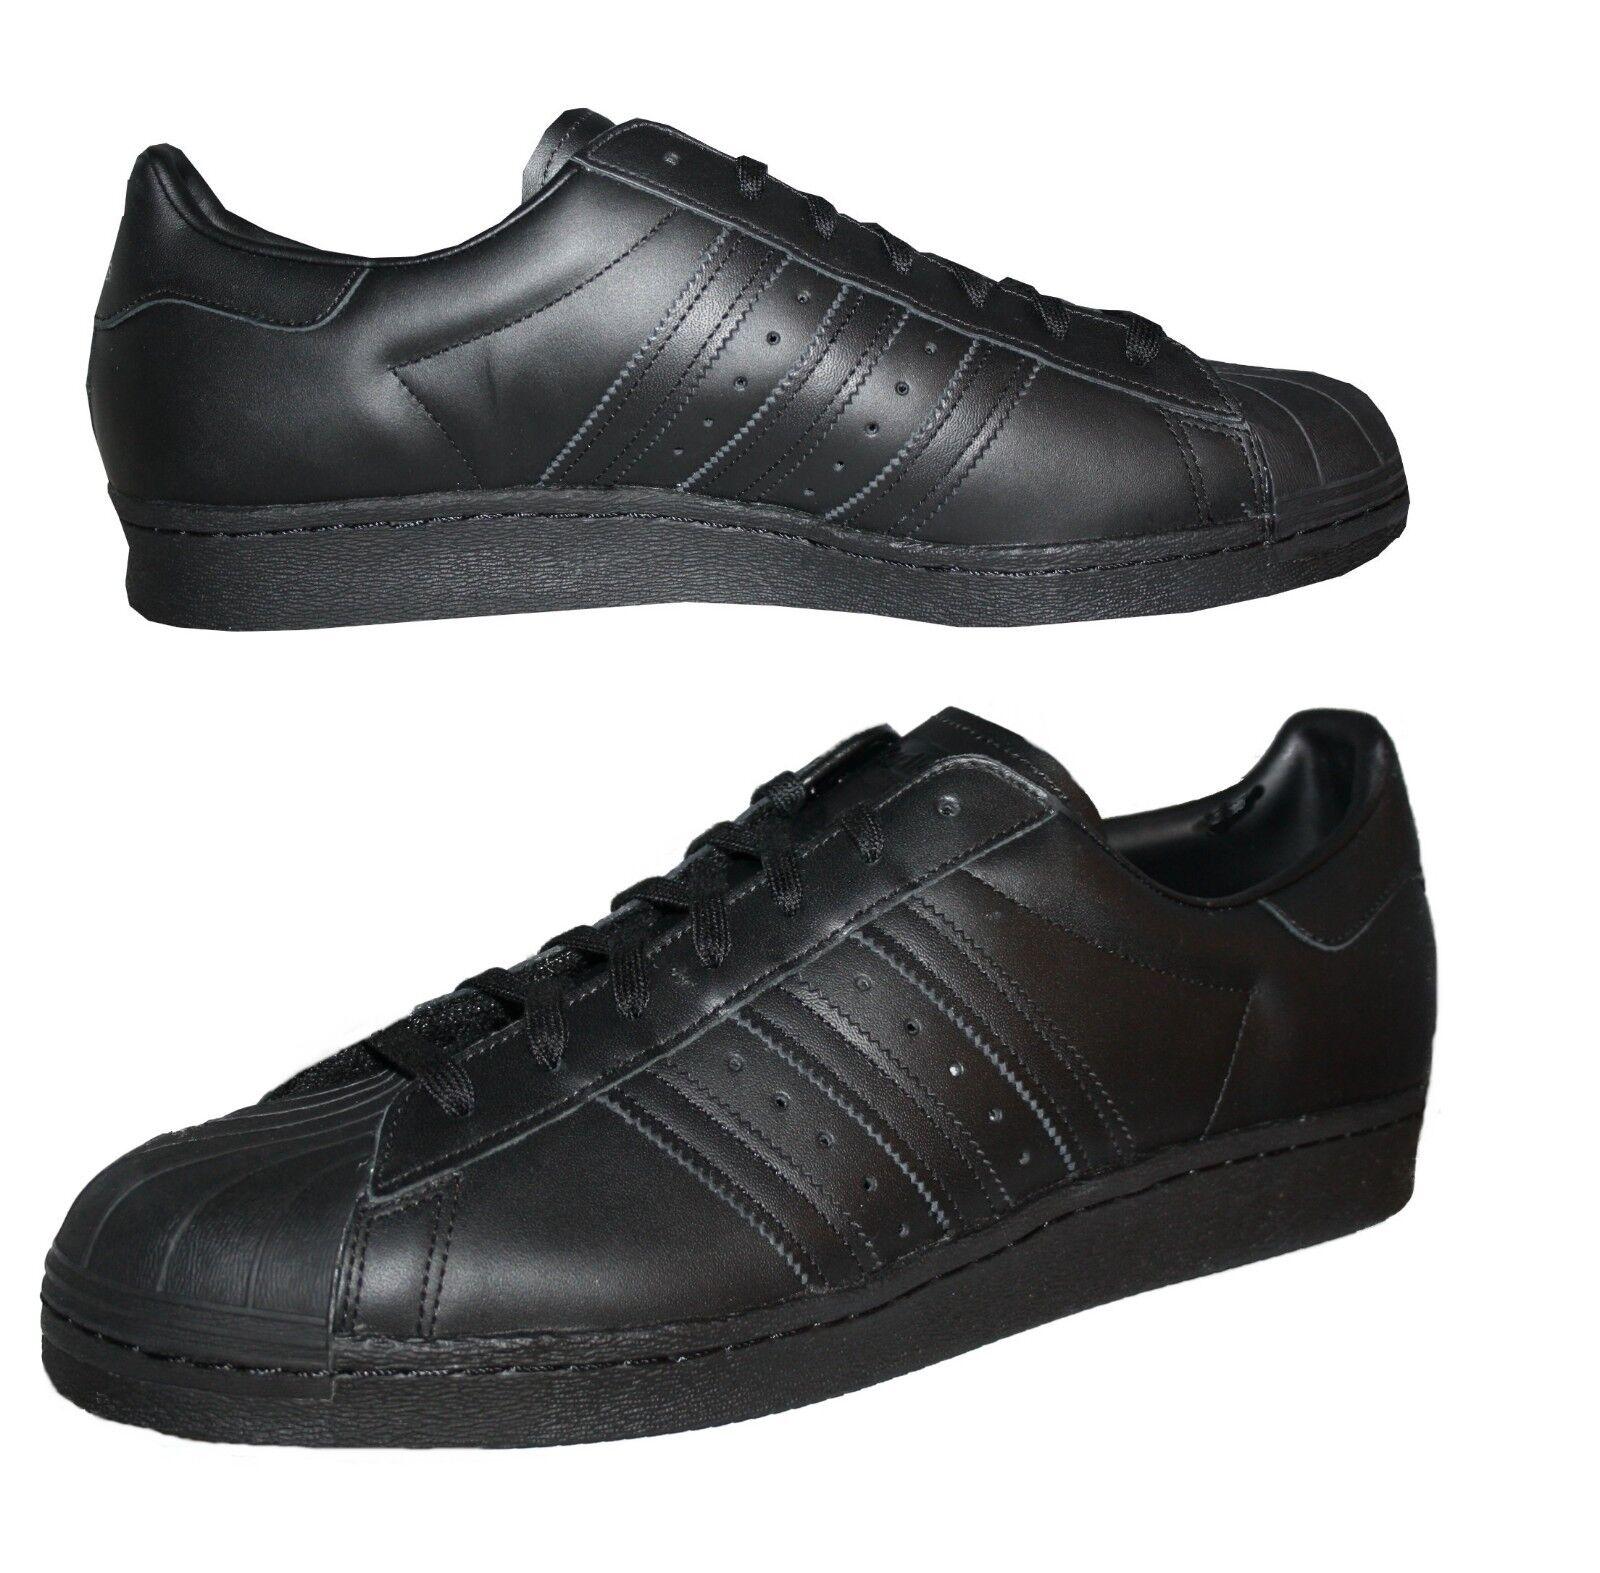 Adidas Superstar 80s Herren Retro Sneaker Zapatos Leder Negro Gr. Gr. Gr. 49 - (49 1/3) ed5c9d